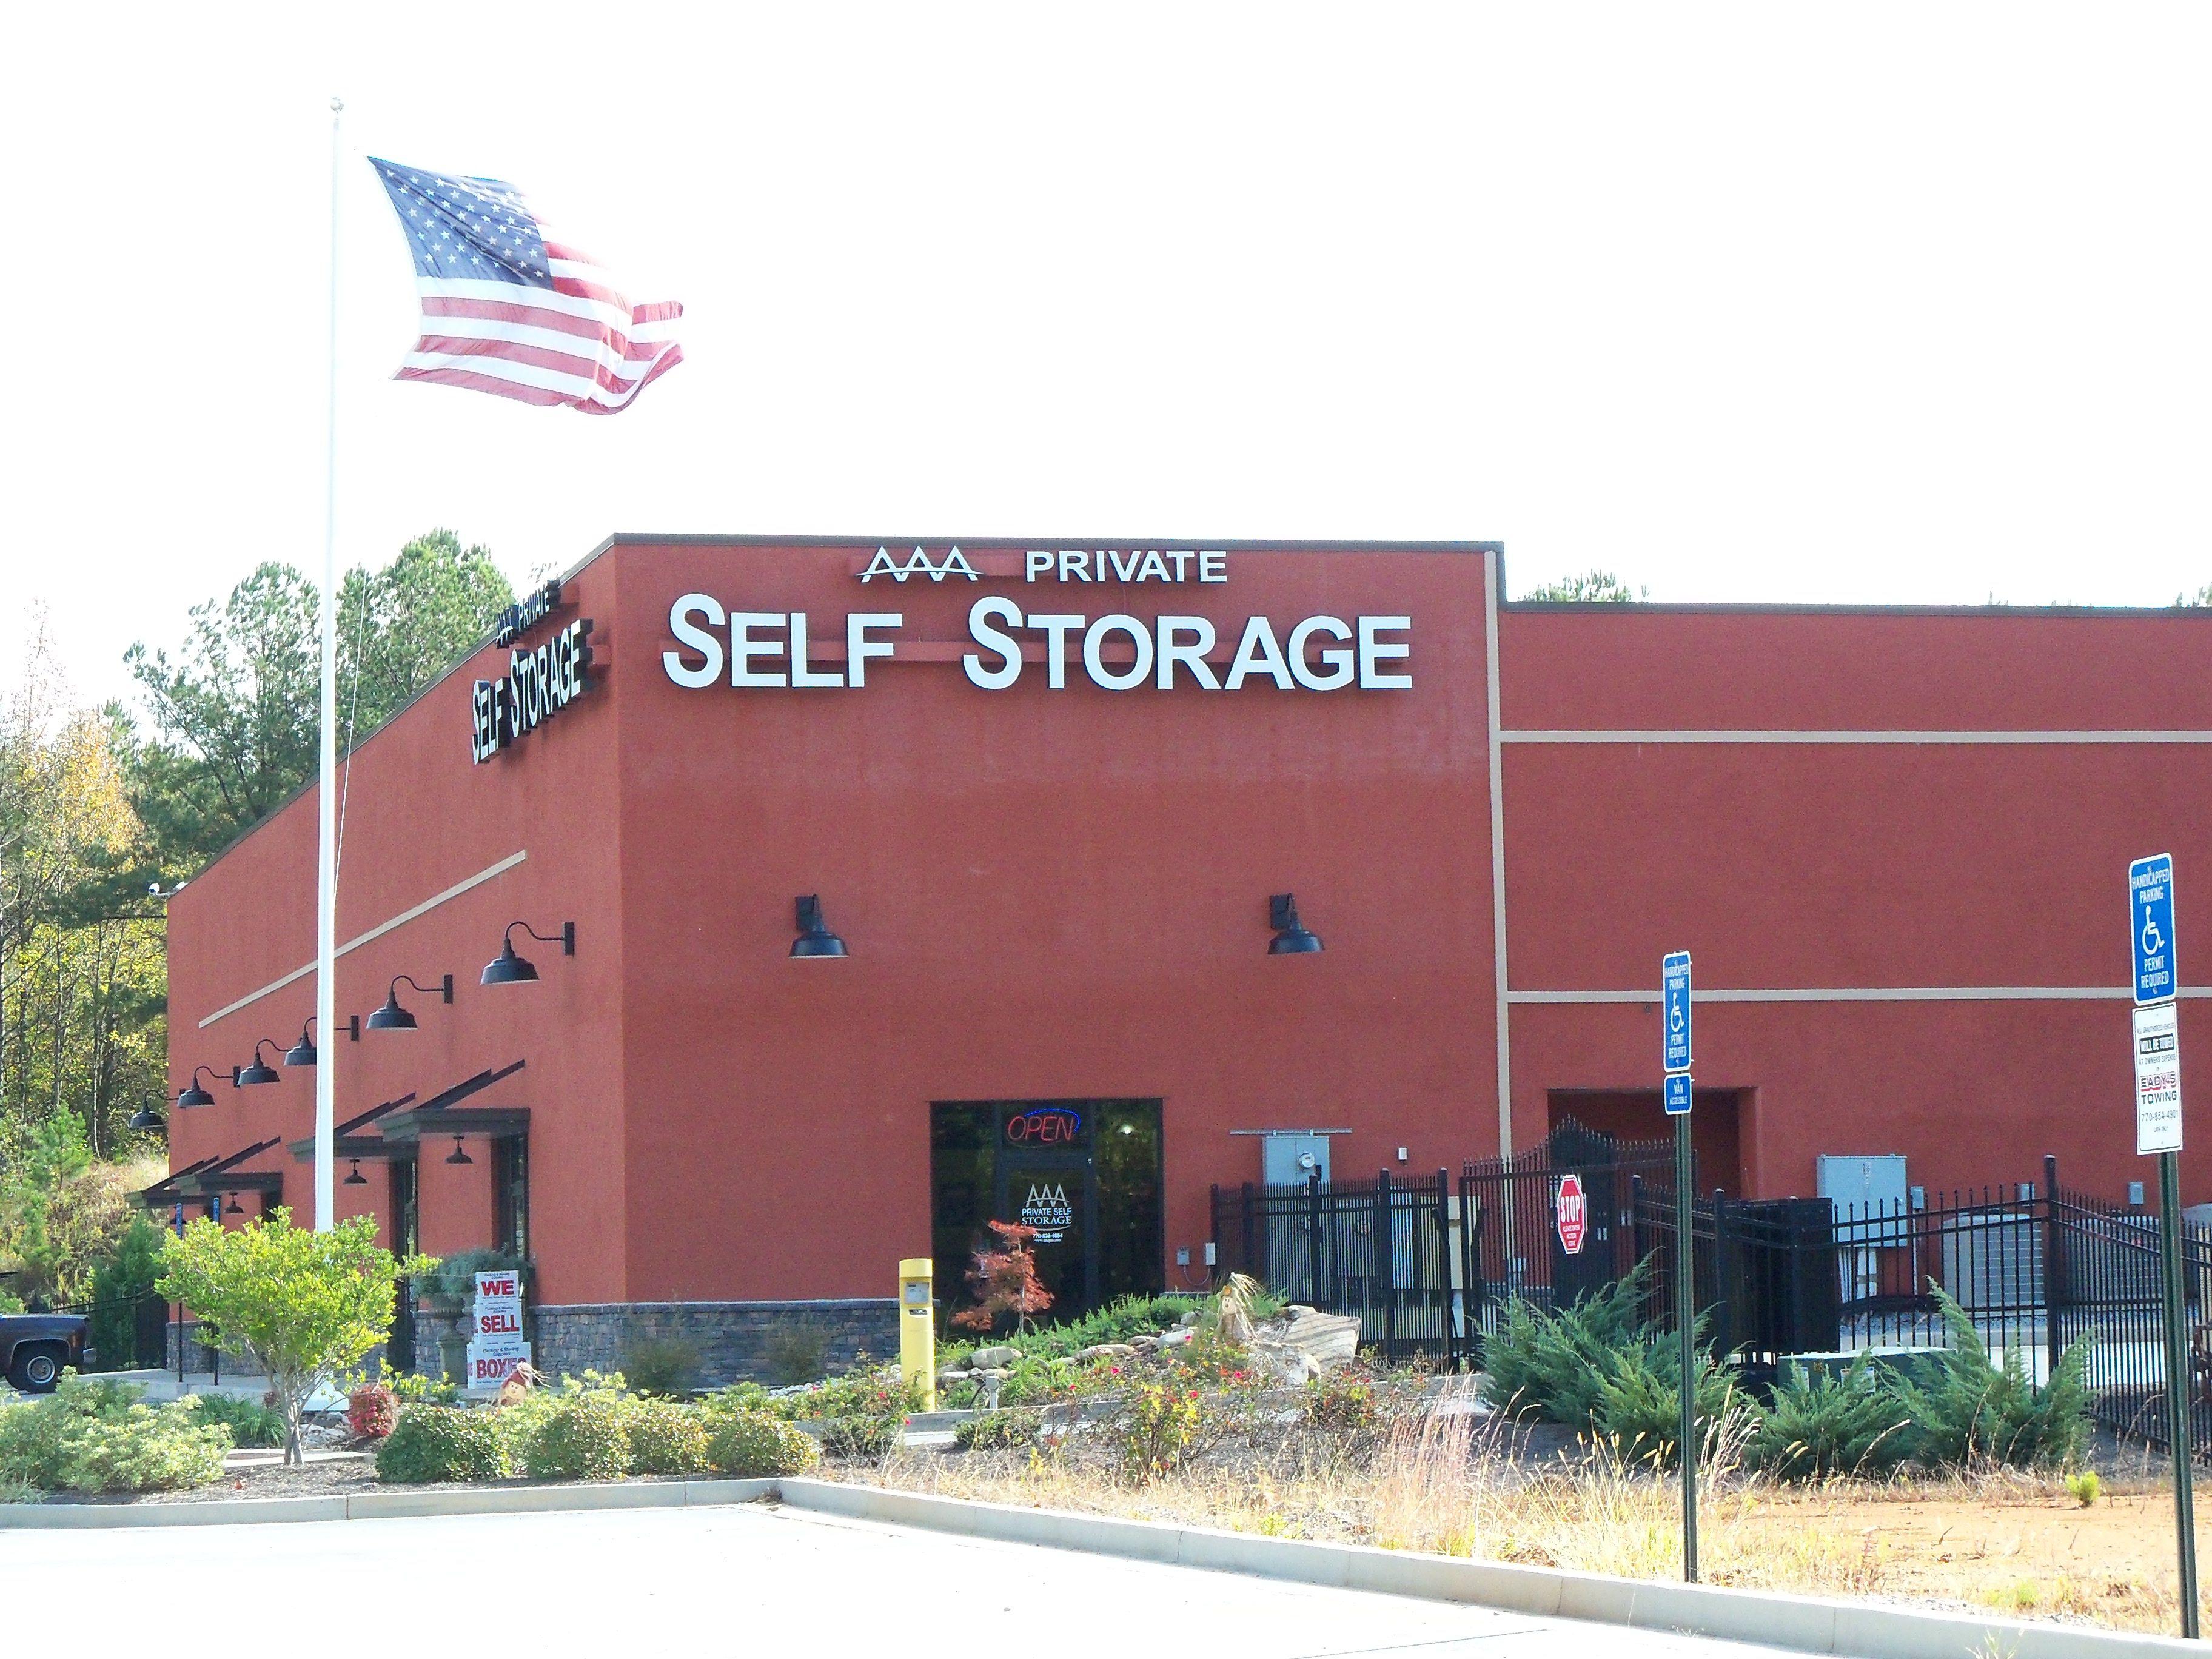 Aaa private self storage in carrollton ga self storage